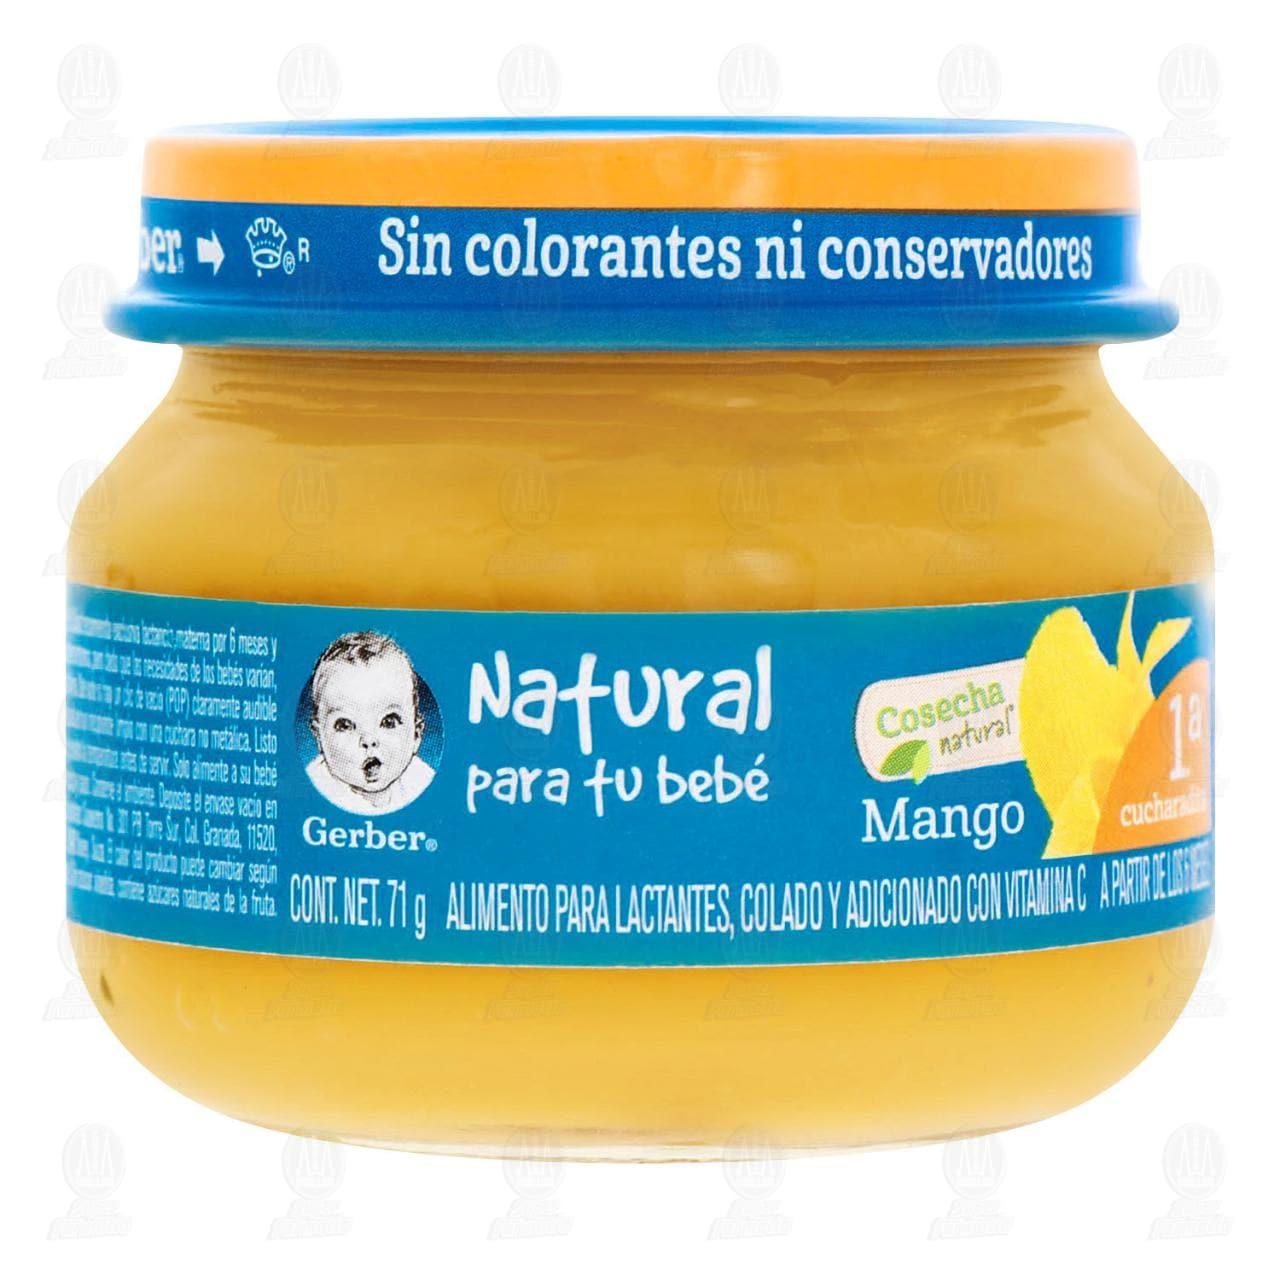 comprar https://www.movil.farmaciasguadalajara.com/wcsstore/FGCAS/wcs/products/941166_A_1280_AL.jpg en farmacias guadalajara